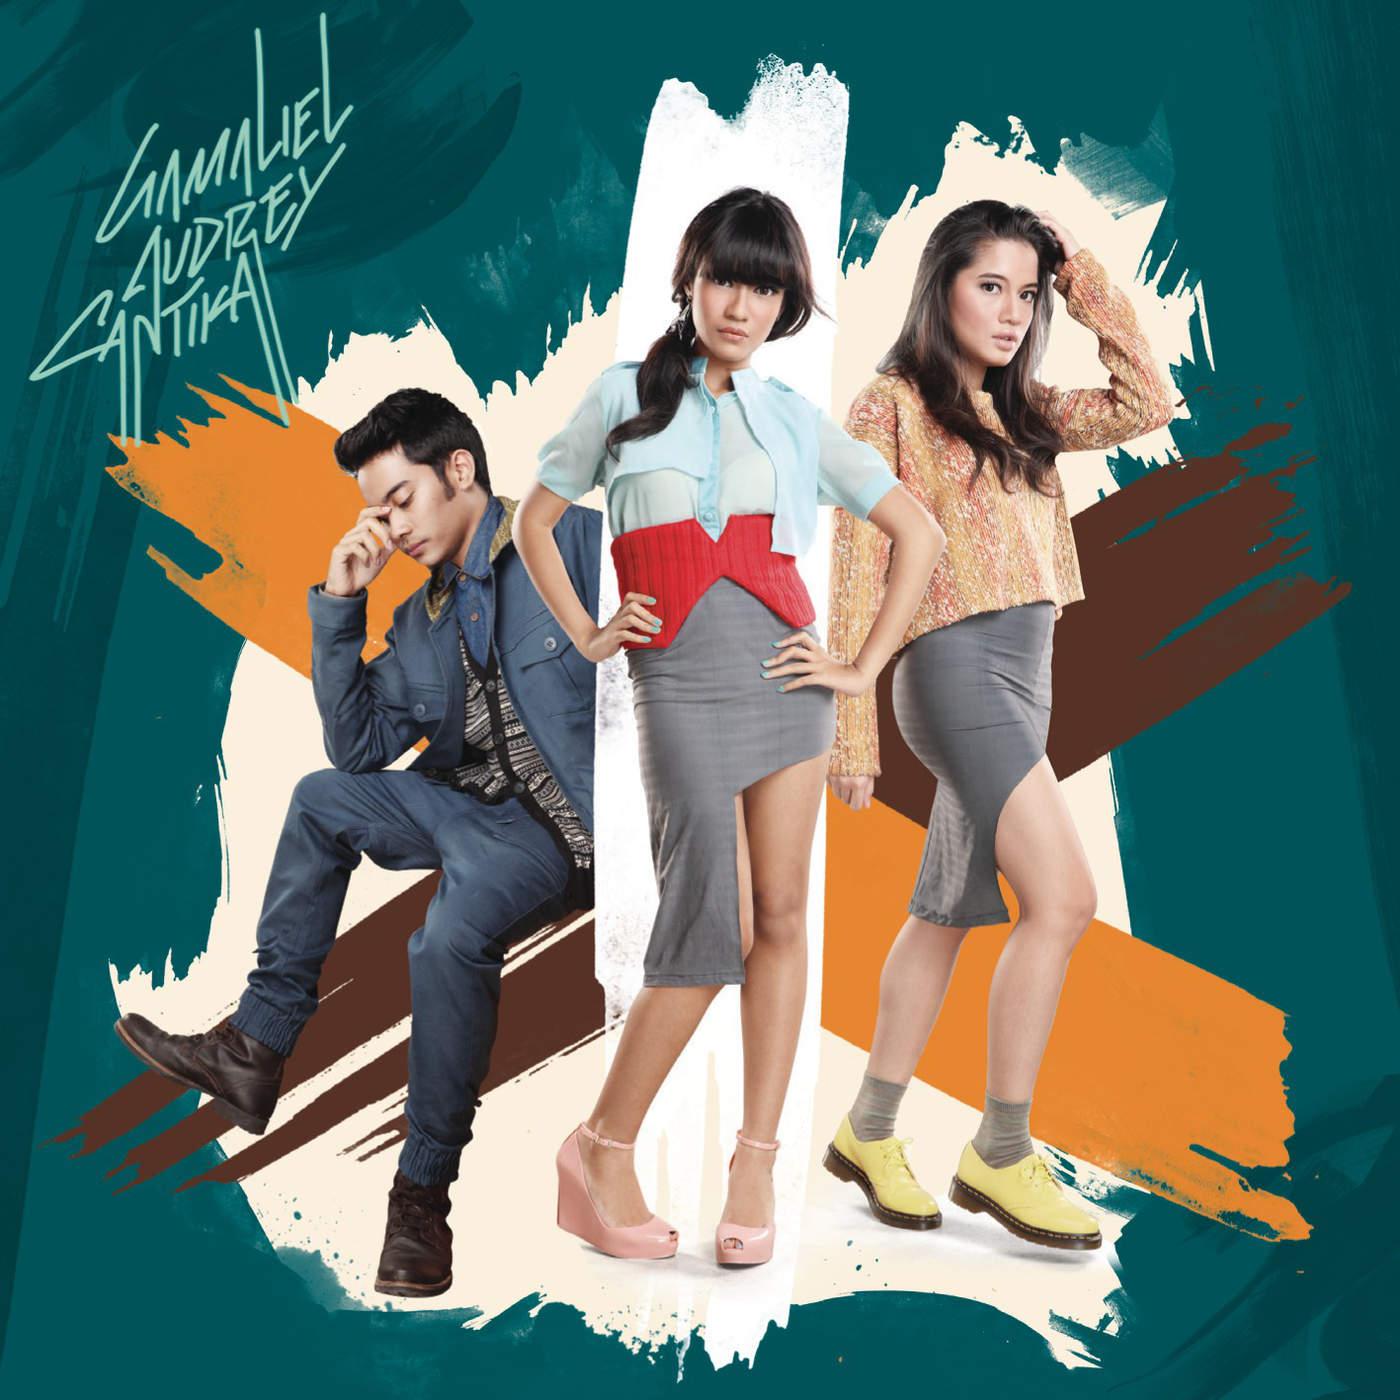 Gamaliel Tapiheru, Audrey Tapiheru & Cantika Abigail - Gamaliel Audrey Cantika - Album (2012) [iTunes Plus AAC M4A]